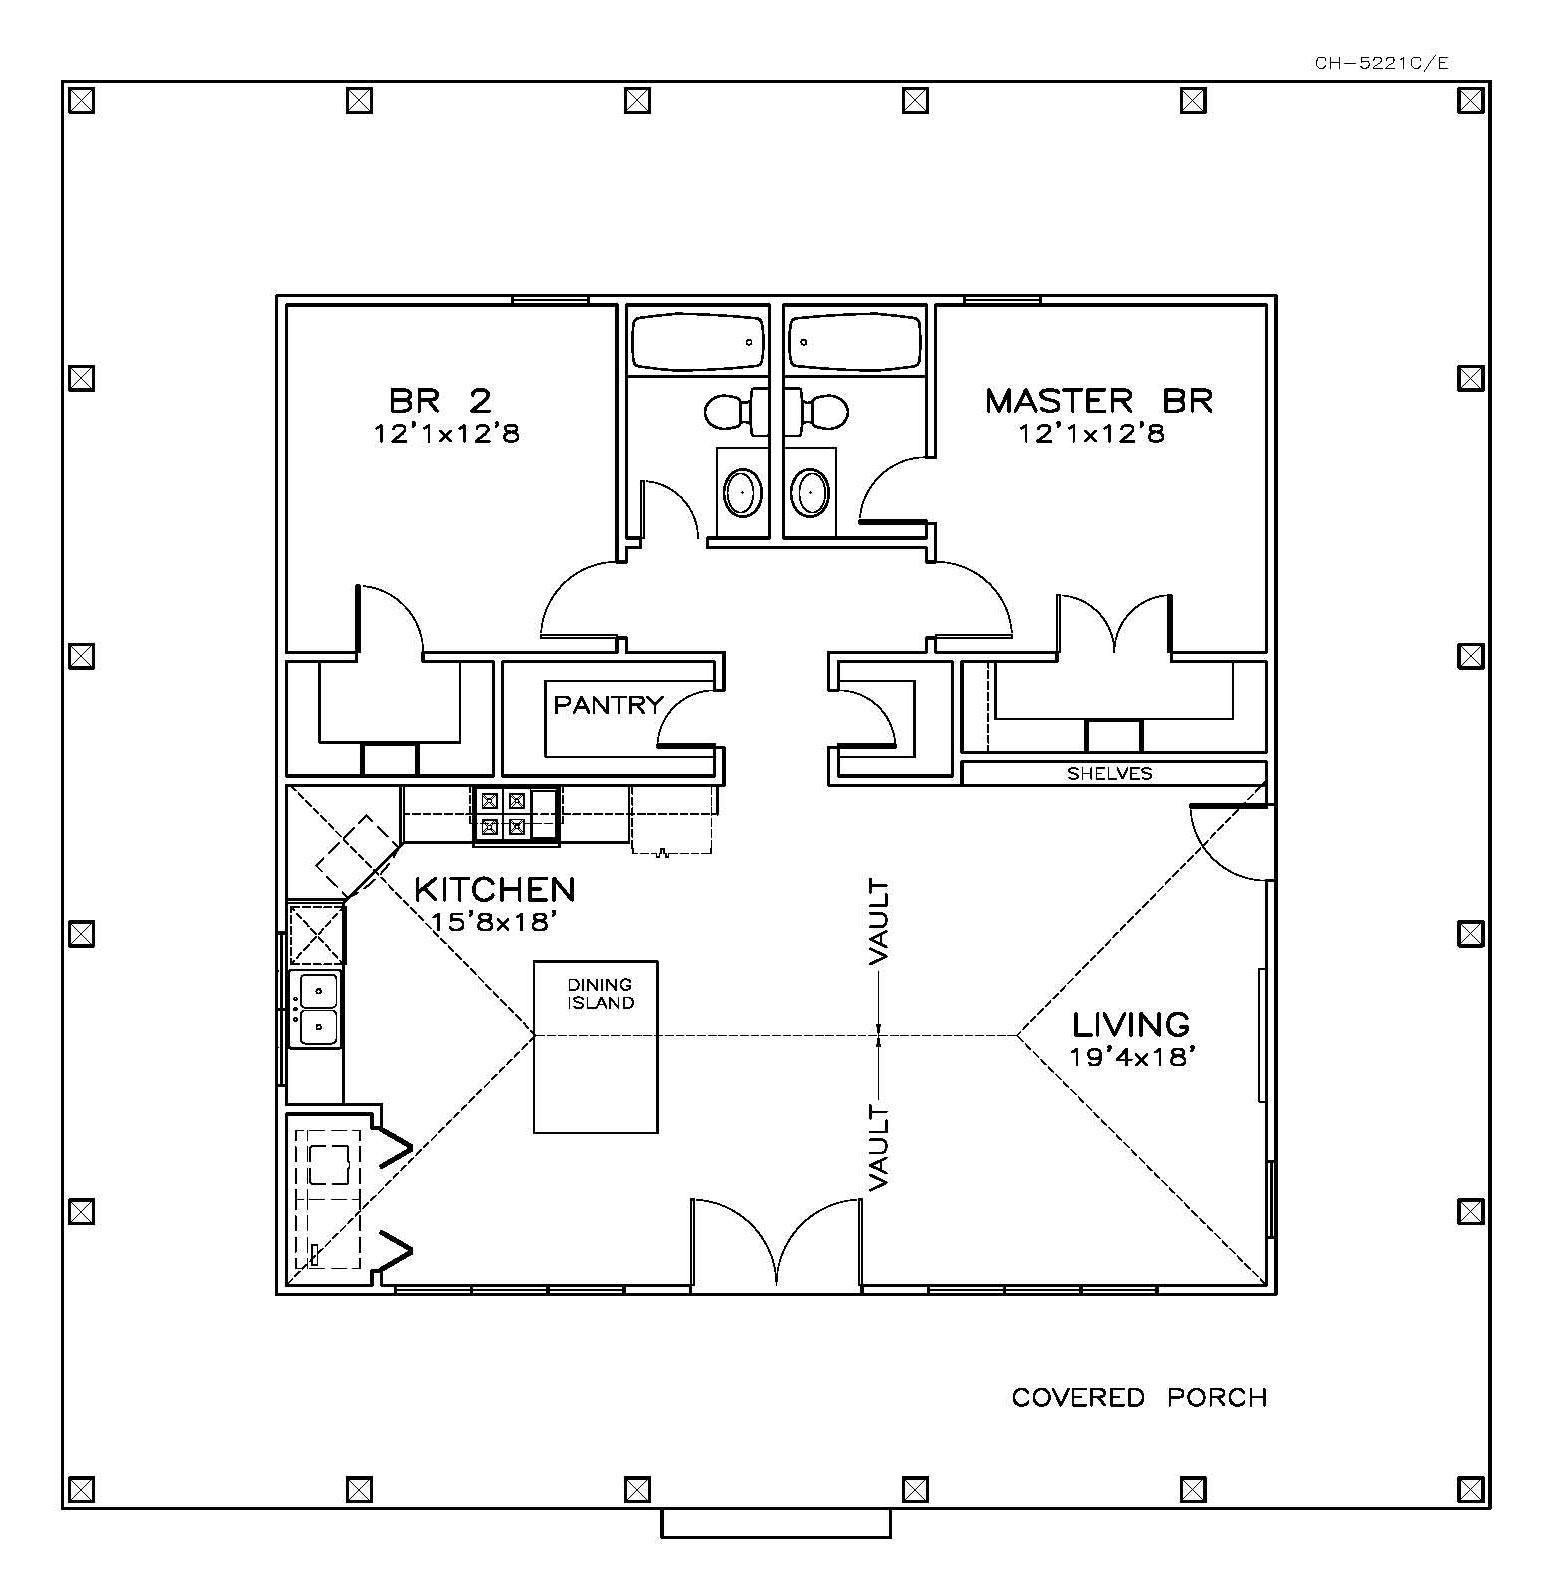 Southern Home Plan 2 Bedrms 2 Baths 1225 Sq Ft 155